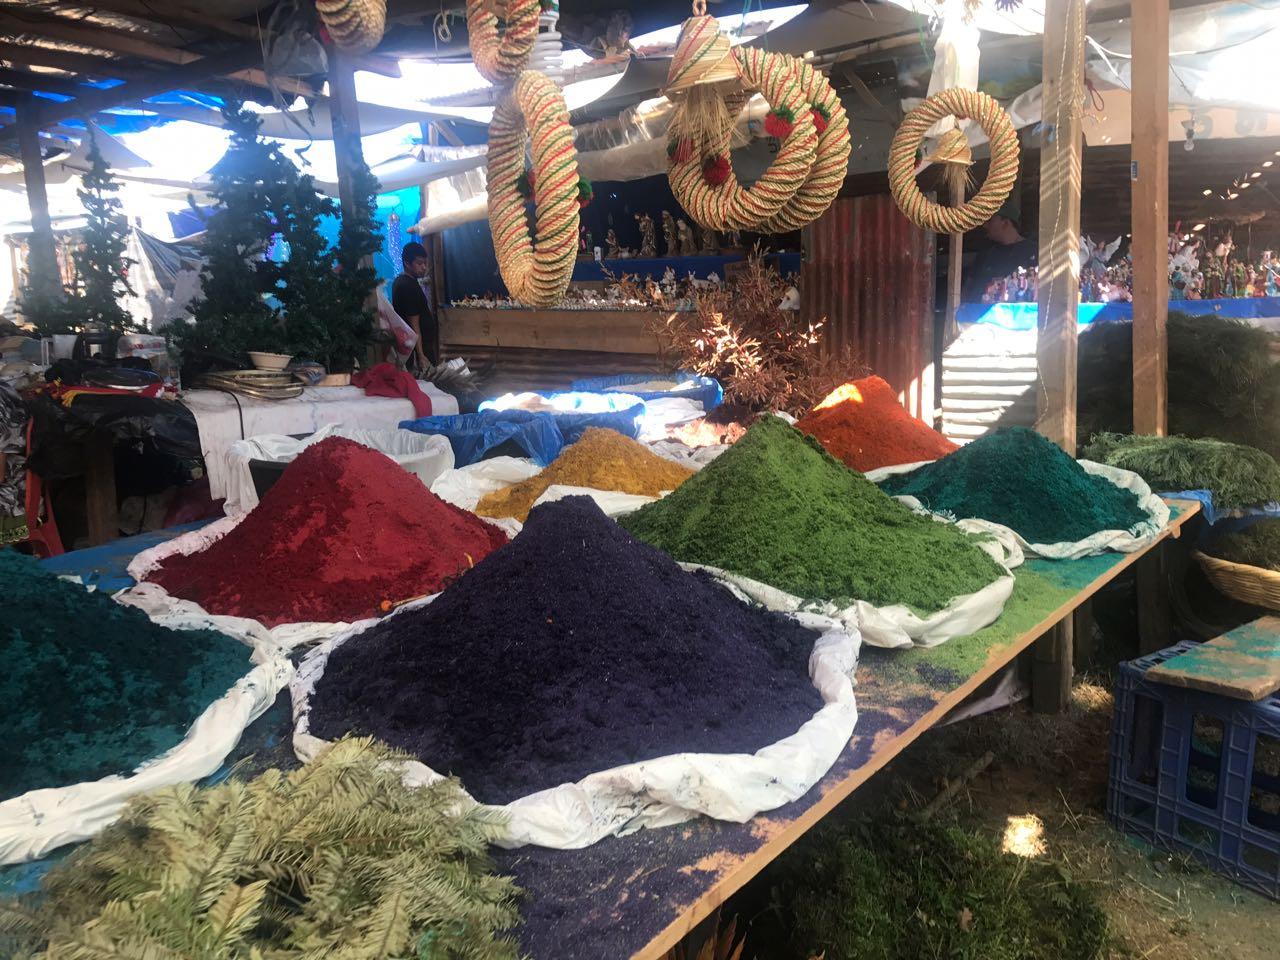 Venta de productos navideños EU Emisoras Unidas Guatemala